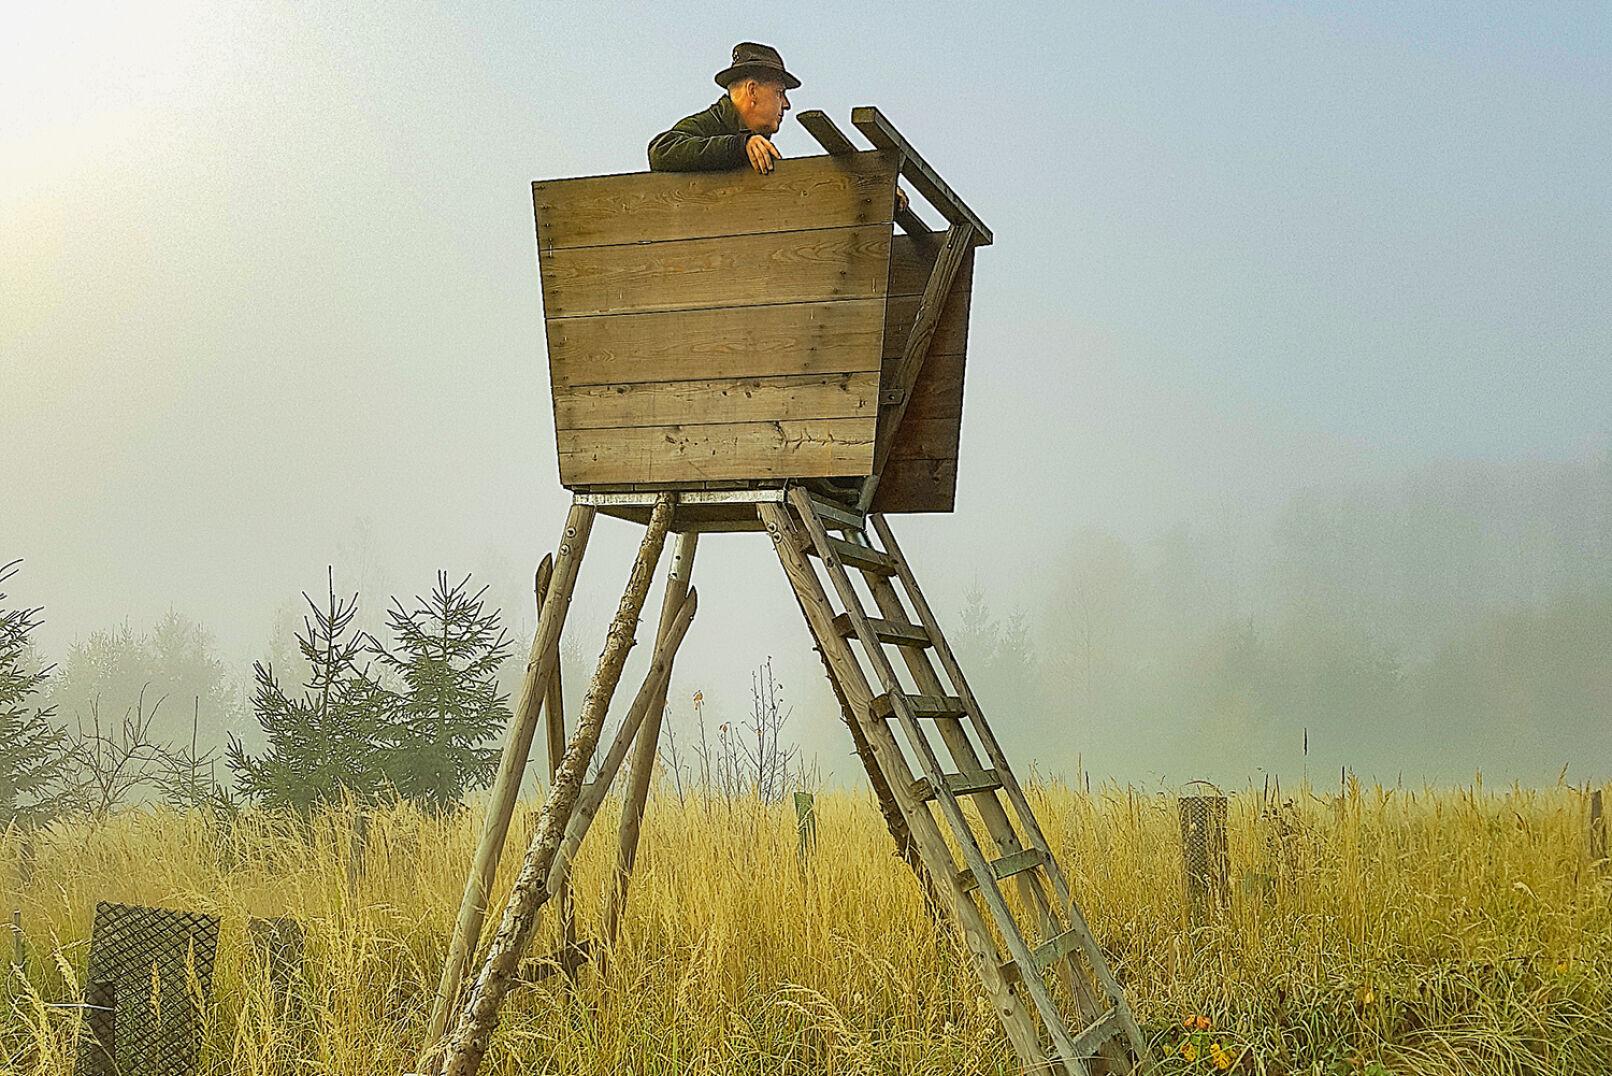 Abgehoben ... - Befinden sich Hochstände nicht vor einer Deckung, zeichnet sich die Kontur des Jägers deutlich gegen den Himmel ab. - © Dominik Steinhauser